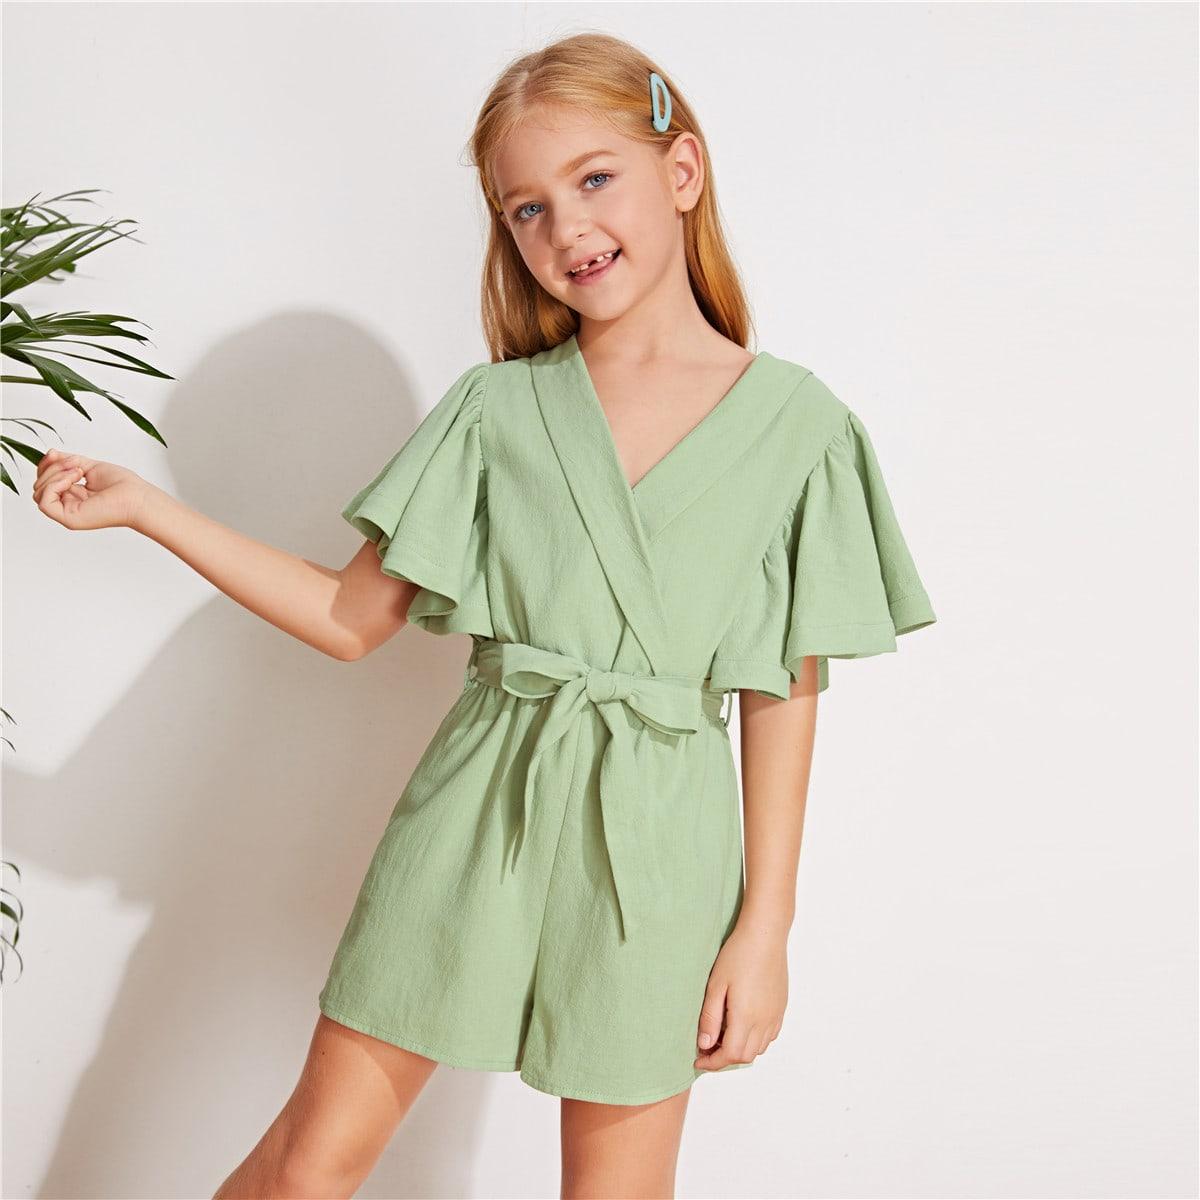 Комбинезон с поясом, v-образным вырезом и оригинальным рукавом для девочек